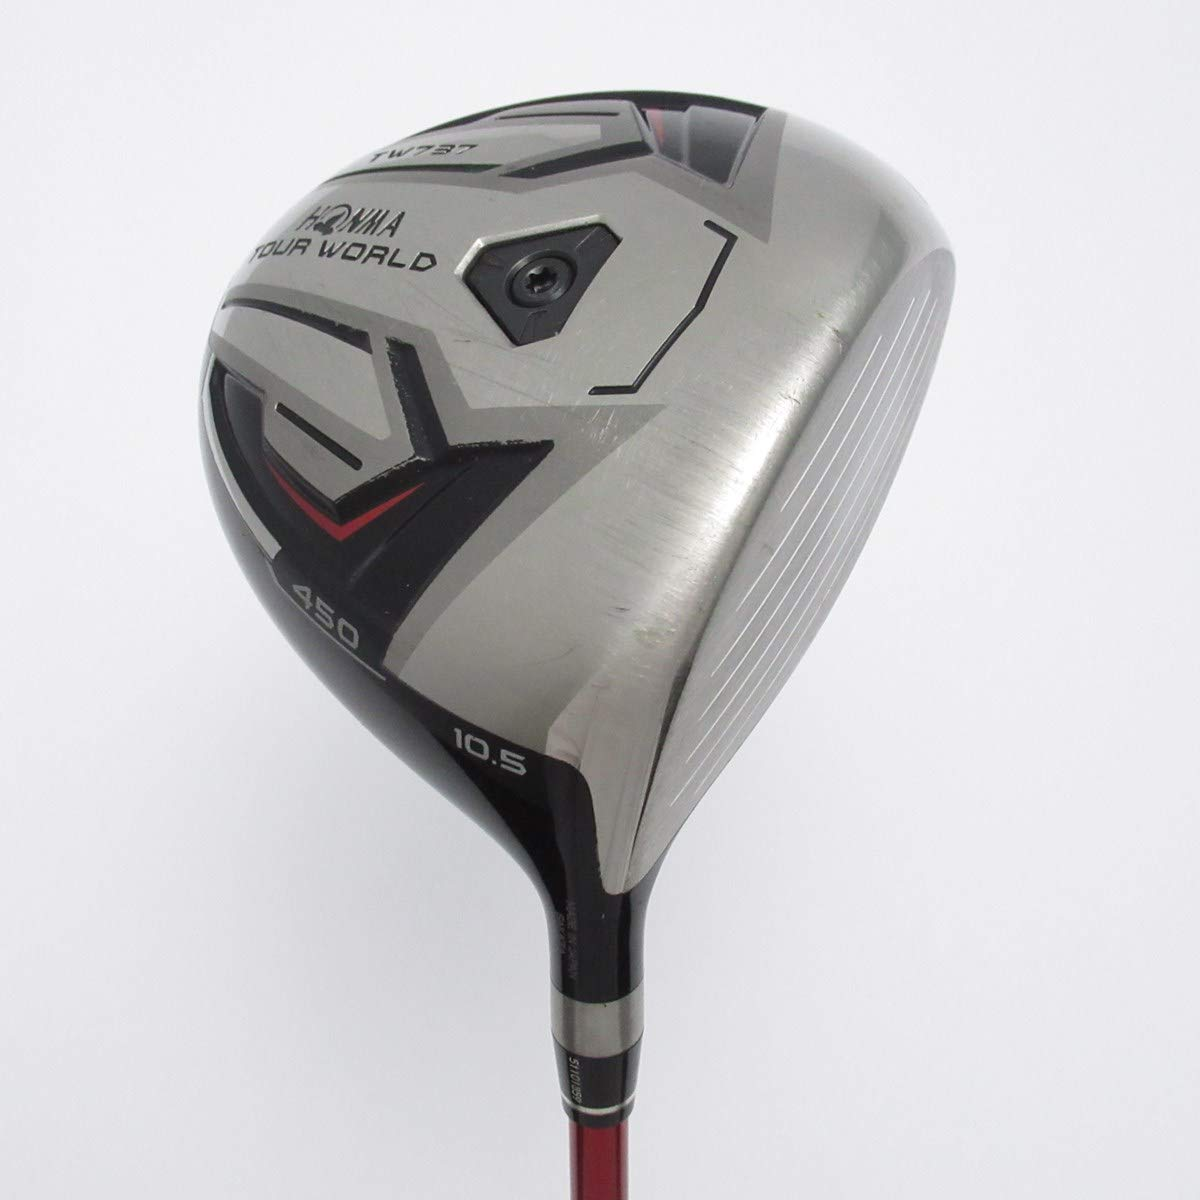 【中古】本間ゴルフ TOUR WORLD ツアーワールド TW737 450 ドライバー VIZARD EX-C55 B07SZ532TZ  S